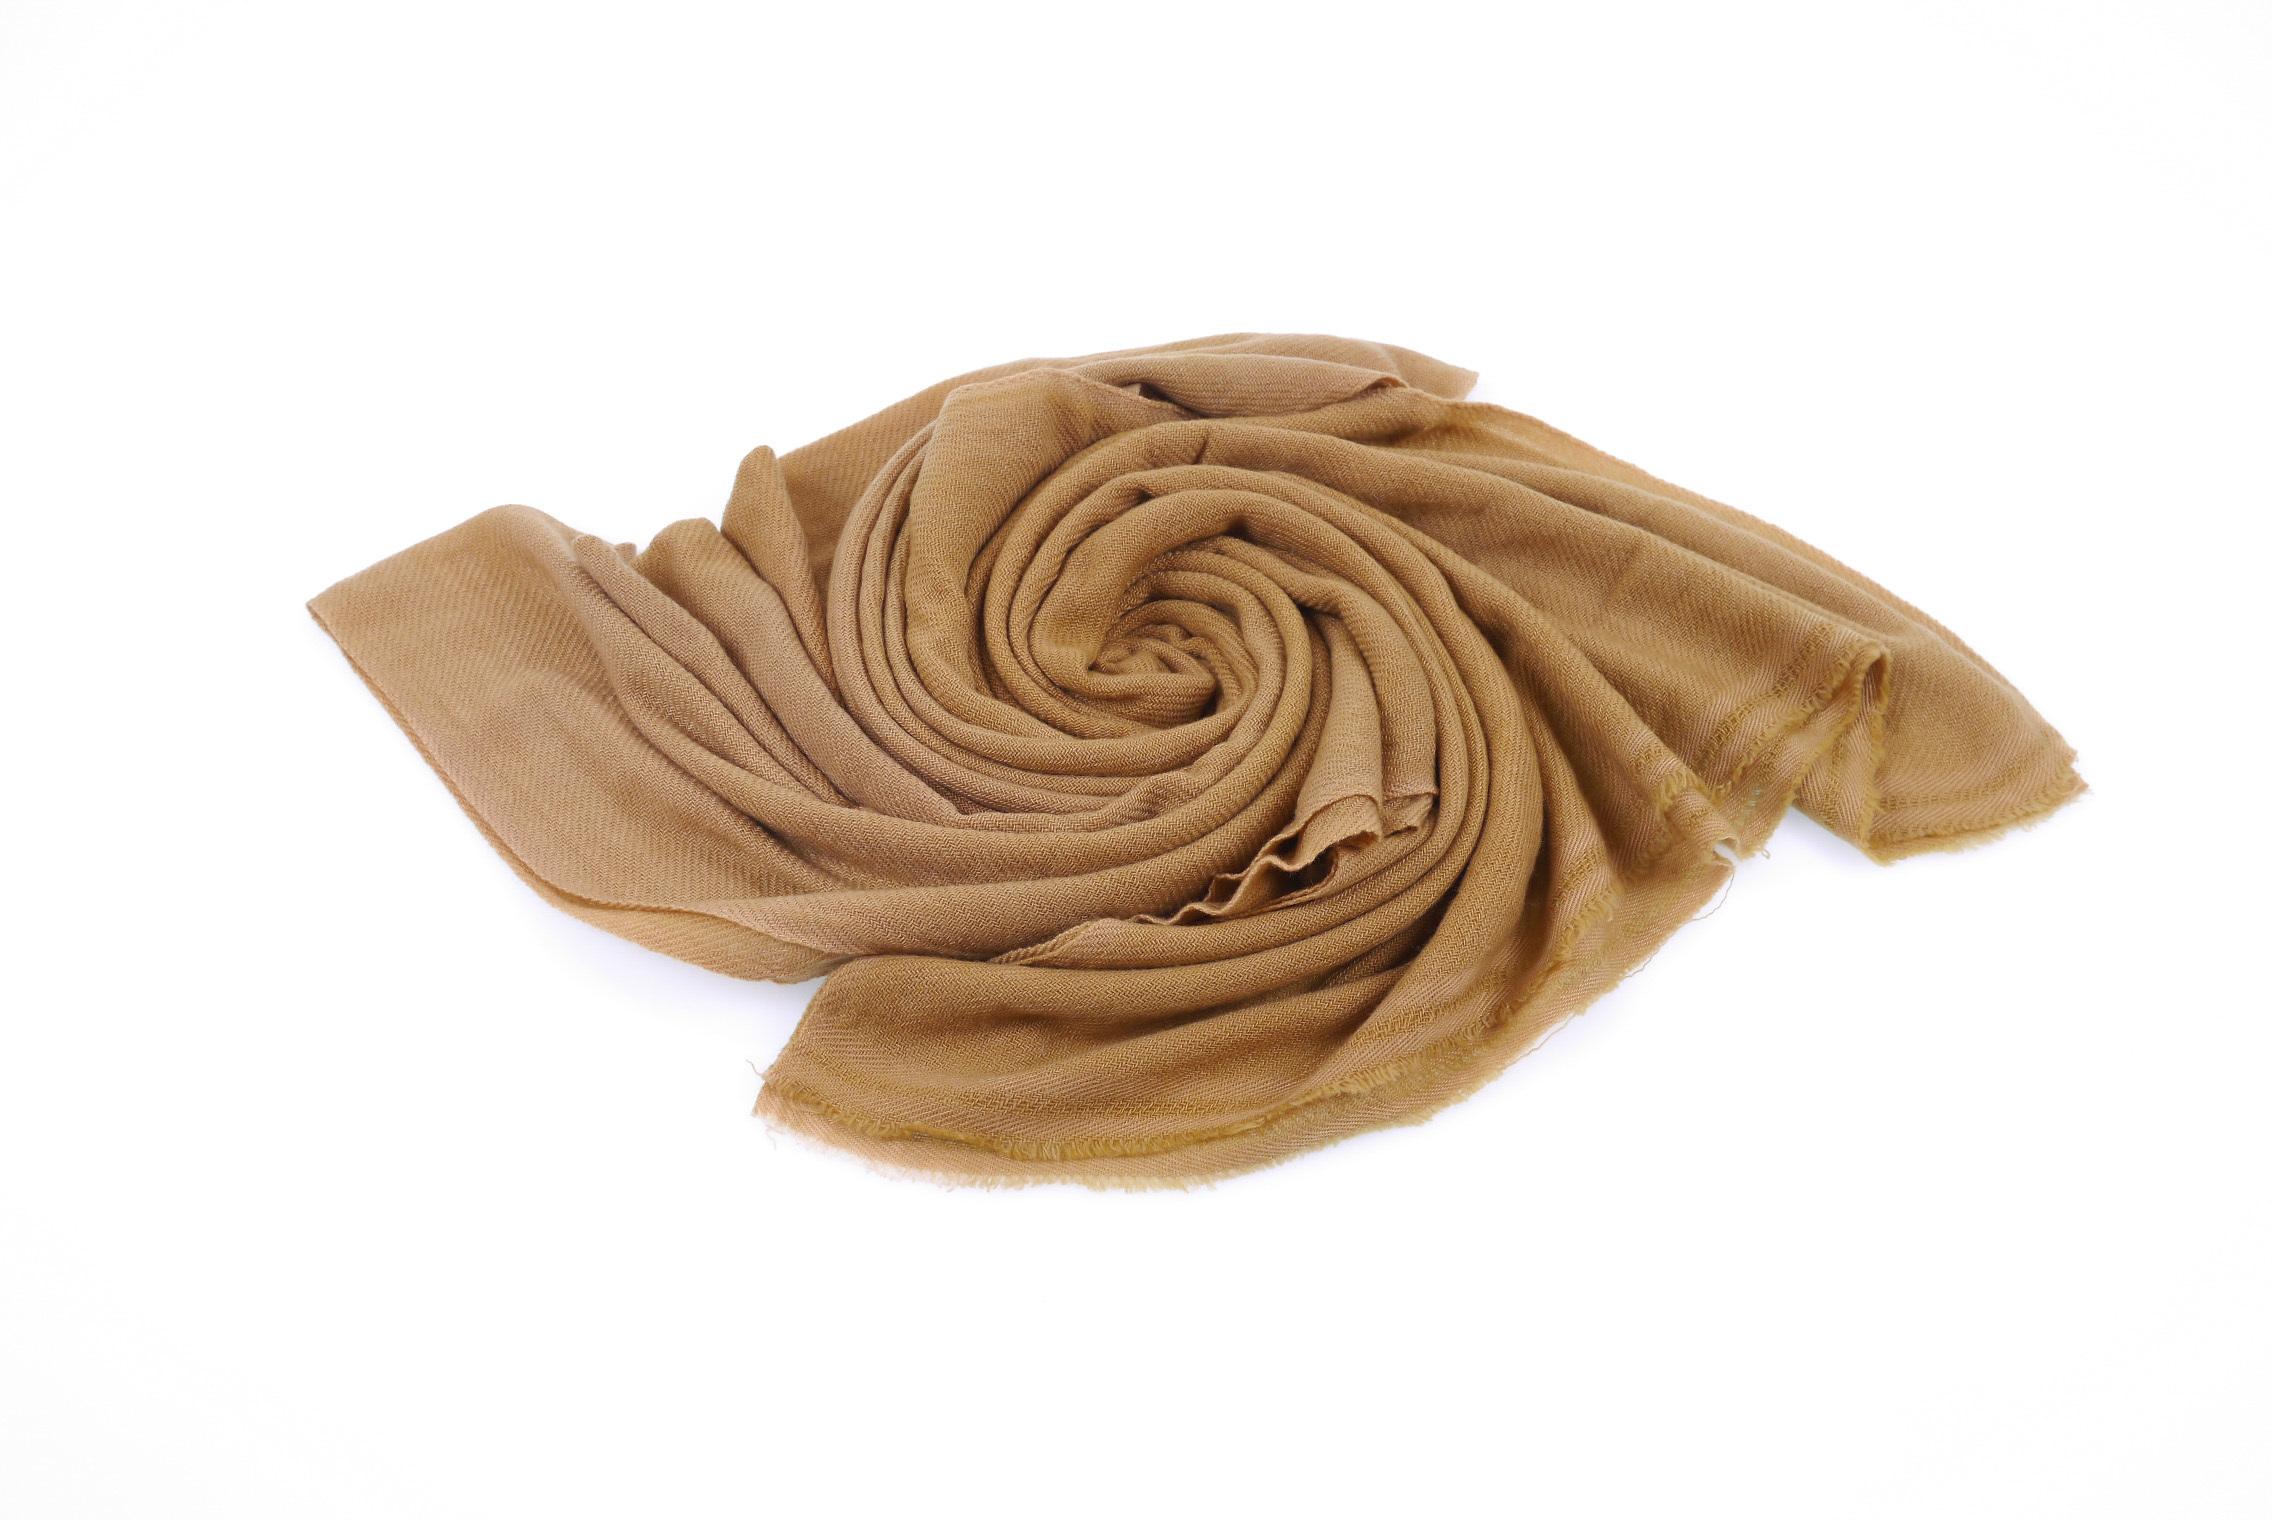 zh喀什米爾圍巾BQCASF0402-7.jpg